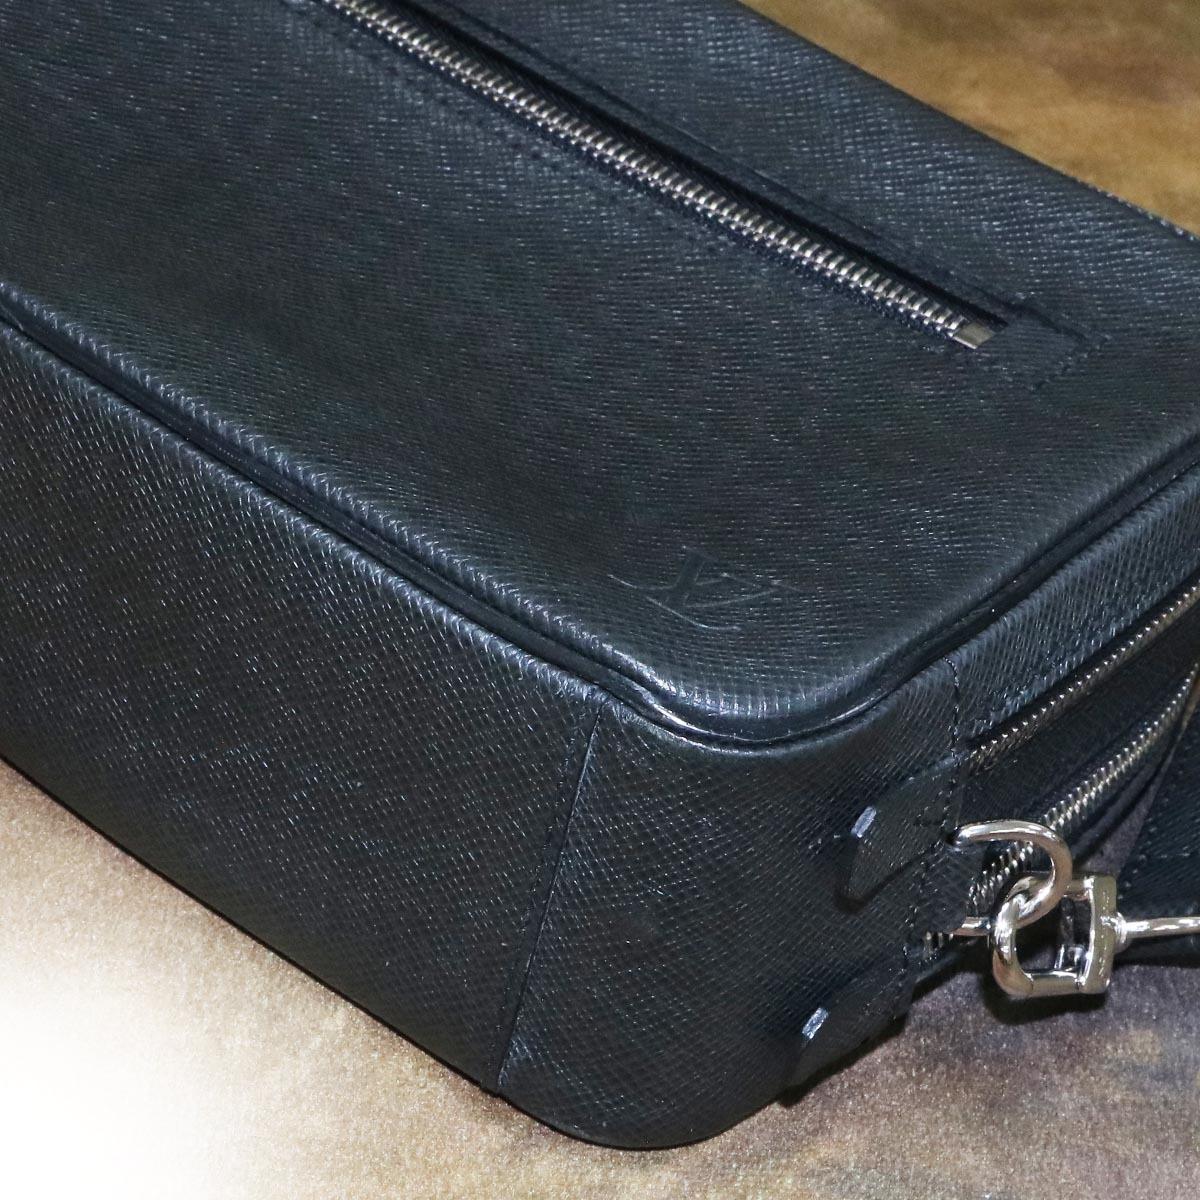 本物 極上品 ルイヴィトン タイガレザー カサイ メンズセカンドバッグ アルドワーズ SV金具 ストラップ付きクラッチバッグ LOUIS VUITTON_画像7